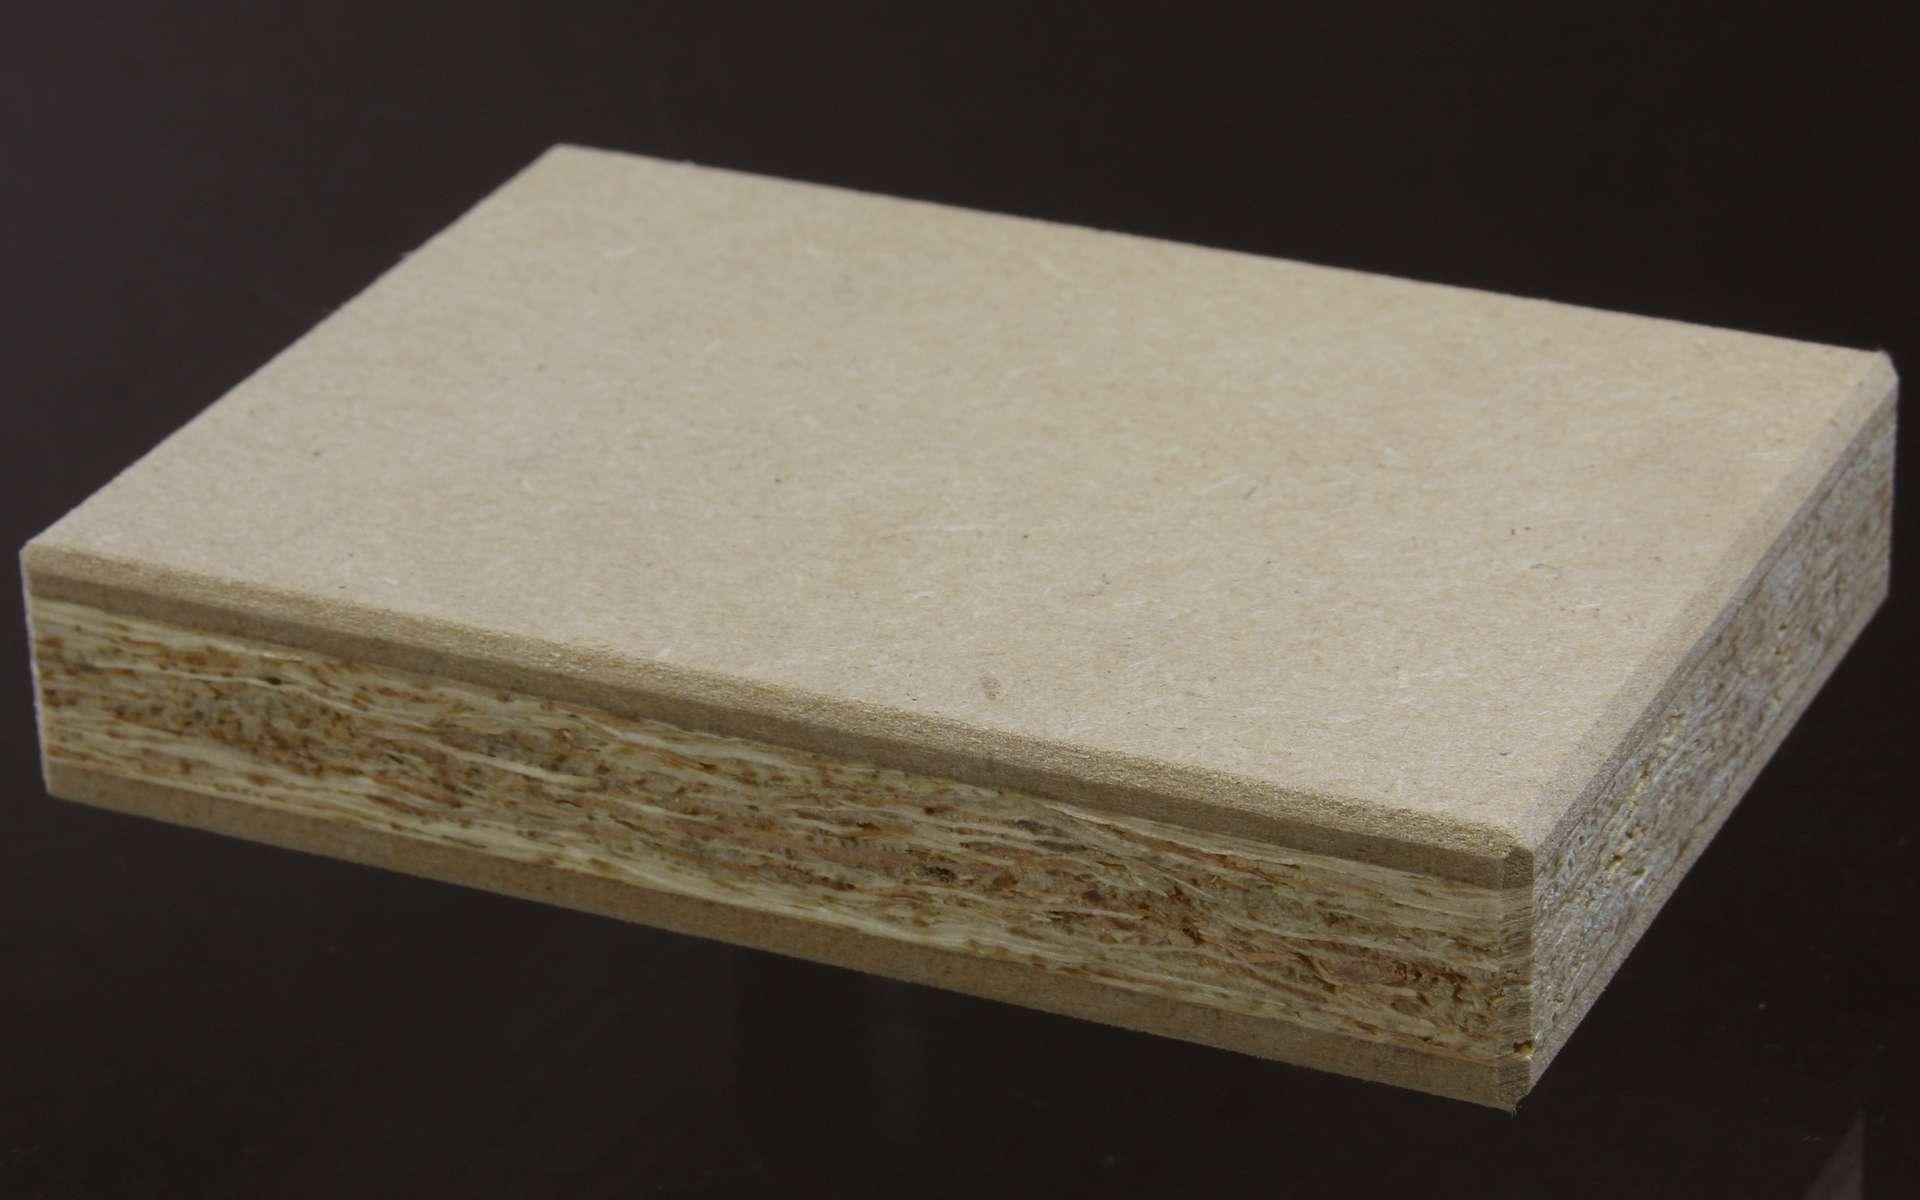 L'aggloméré est une pièce de bois faite d'un mélange de matière et d'un liant. © Elke Wetzig, CC BY-SA 3.0, Wikimedia Commons